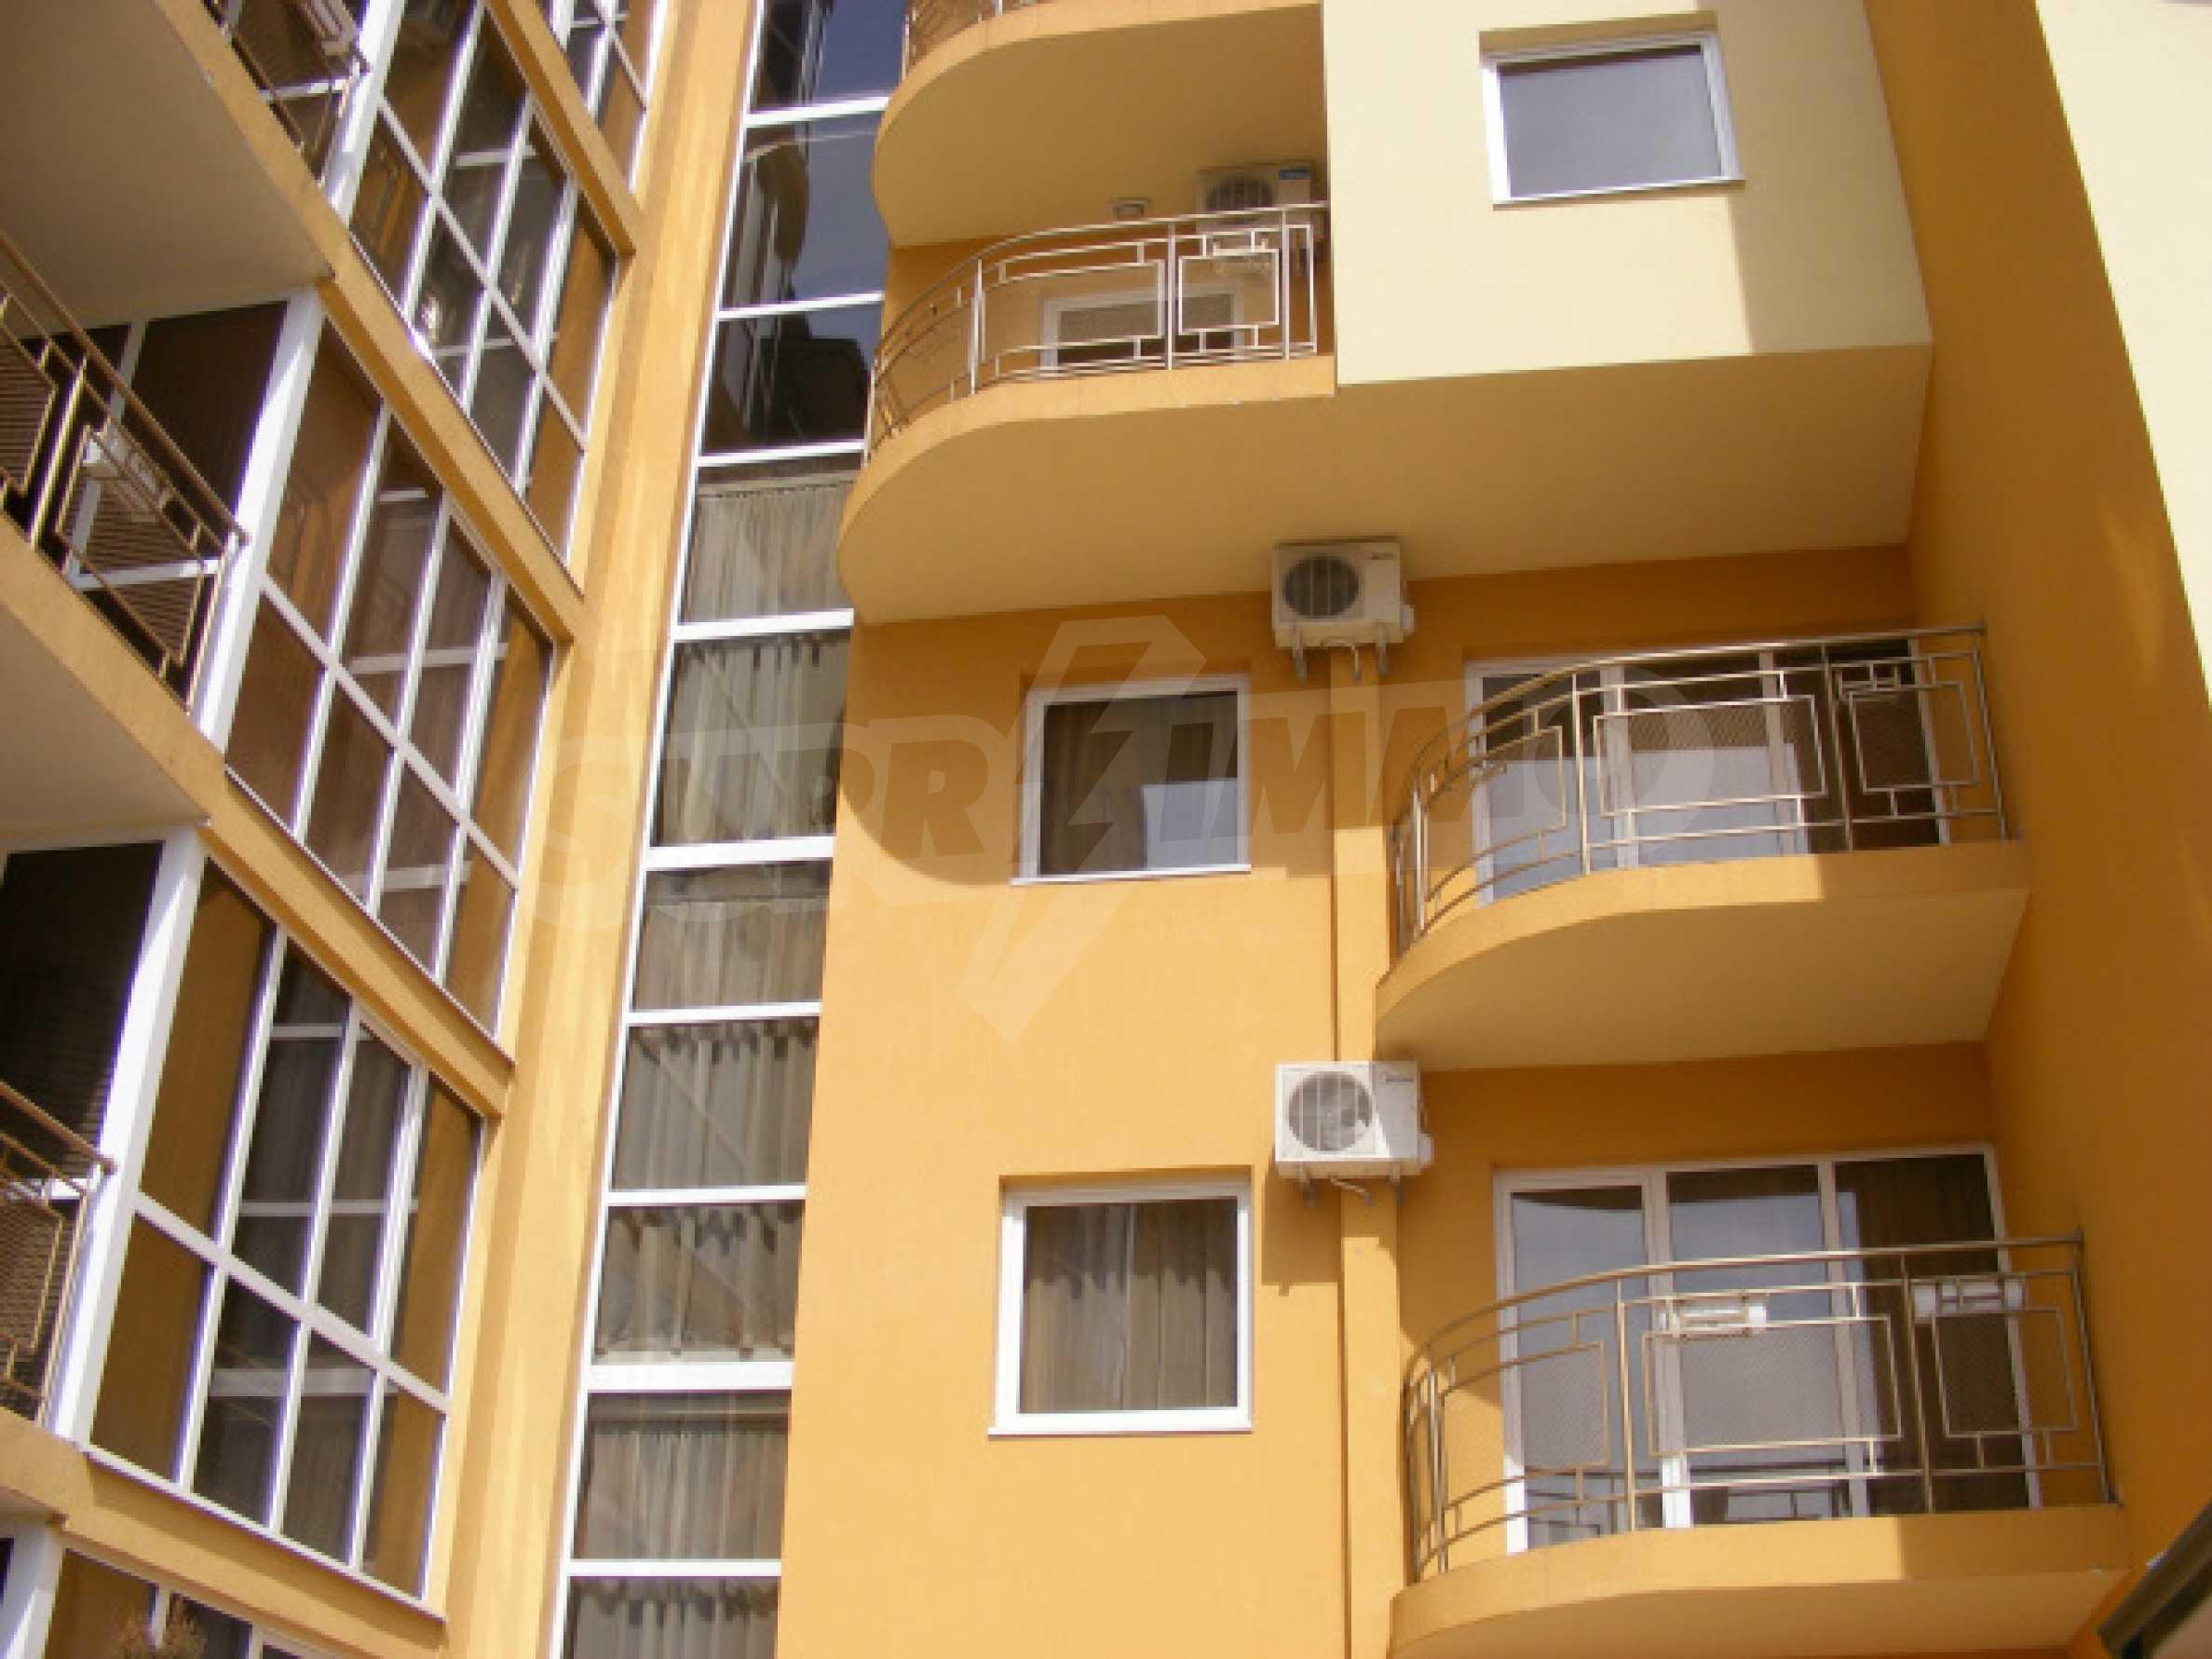 Komplett möbliertes Apartment mit 1 Schlafzimmer in Sunny Beach Goldener Sand, mit Meerblick 2